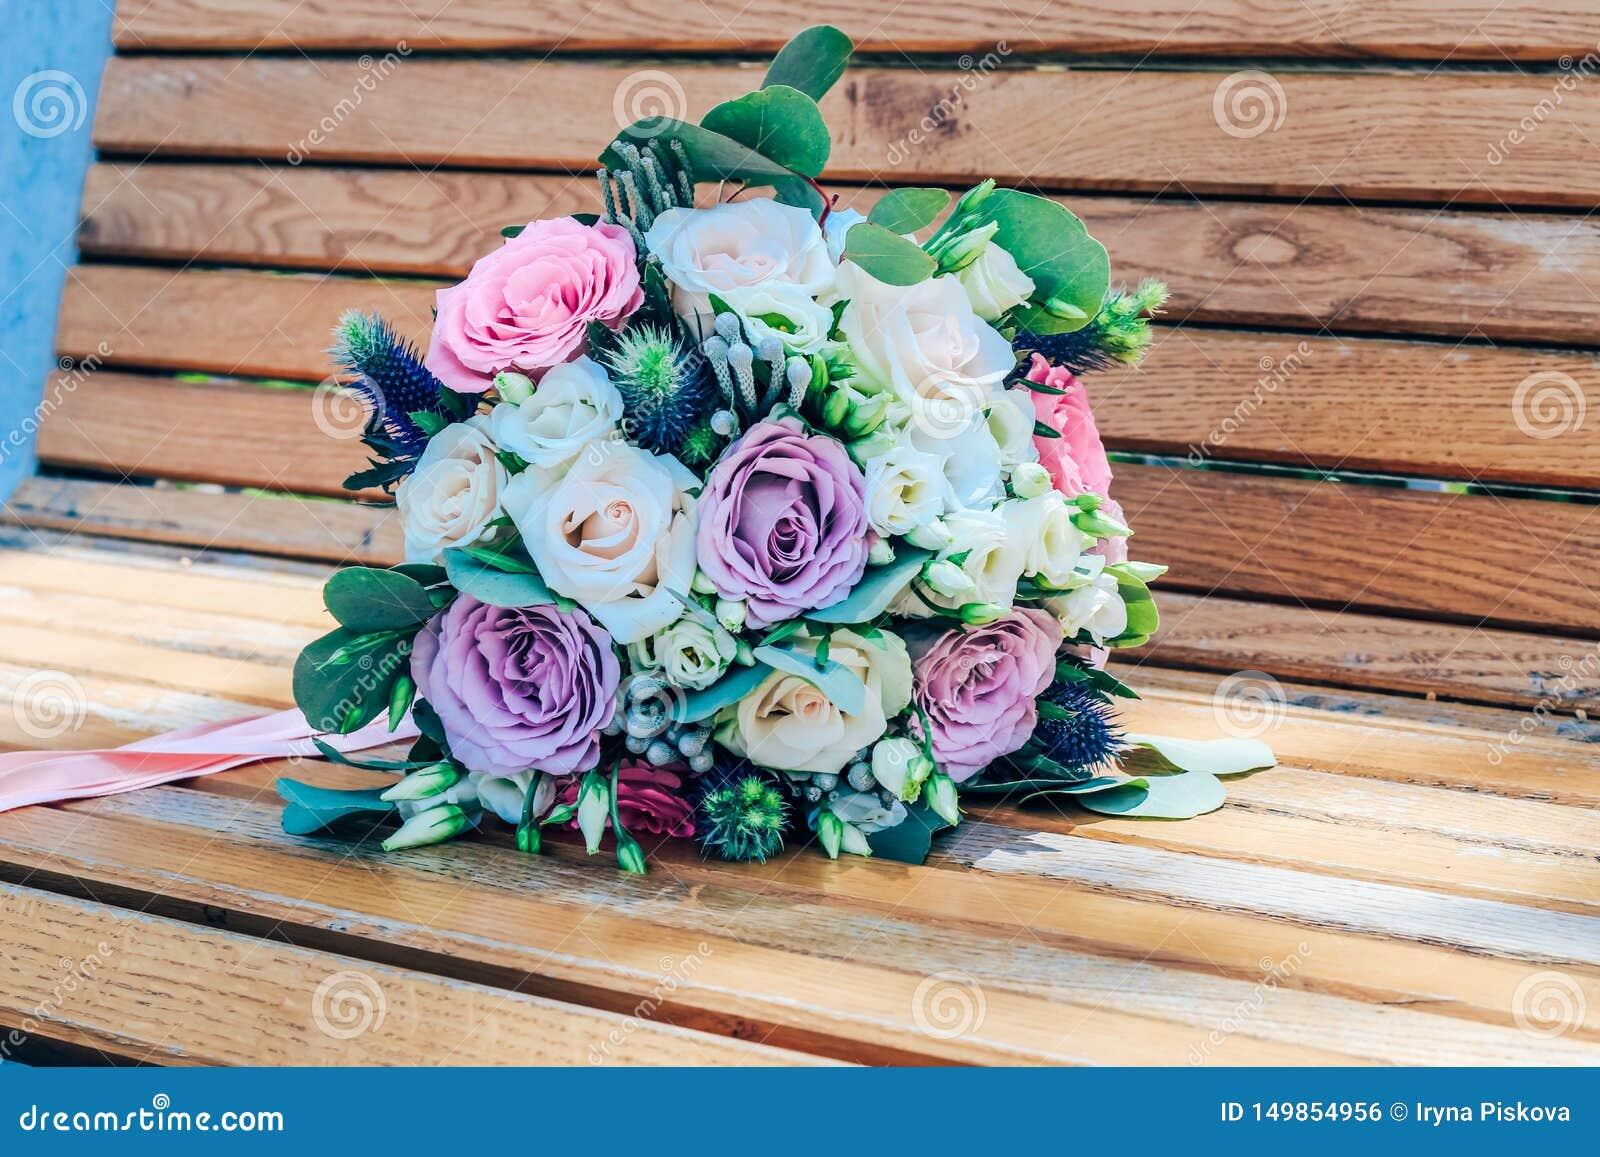 Huwelijksboeket van purpere en beige rozen en sneeuwwitte lisianthus Close-up